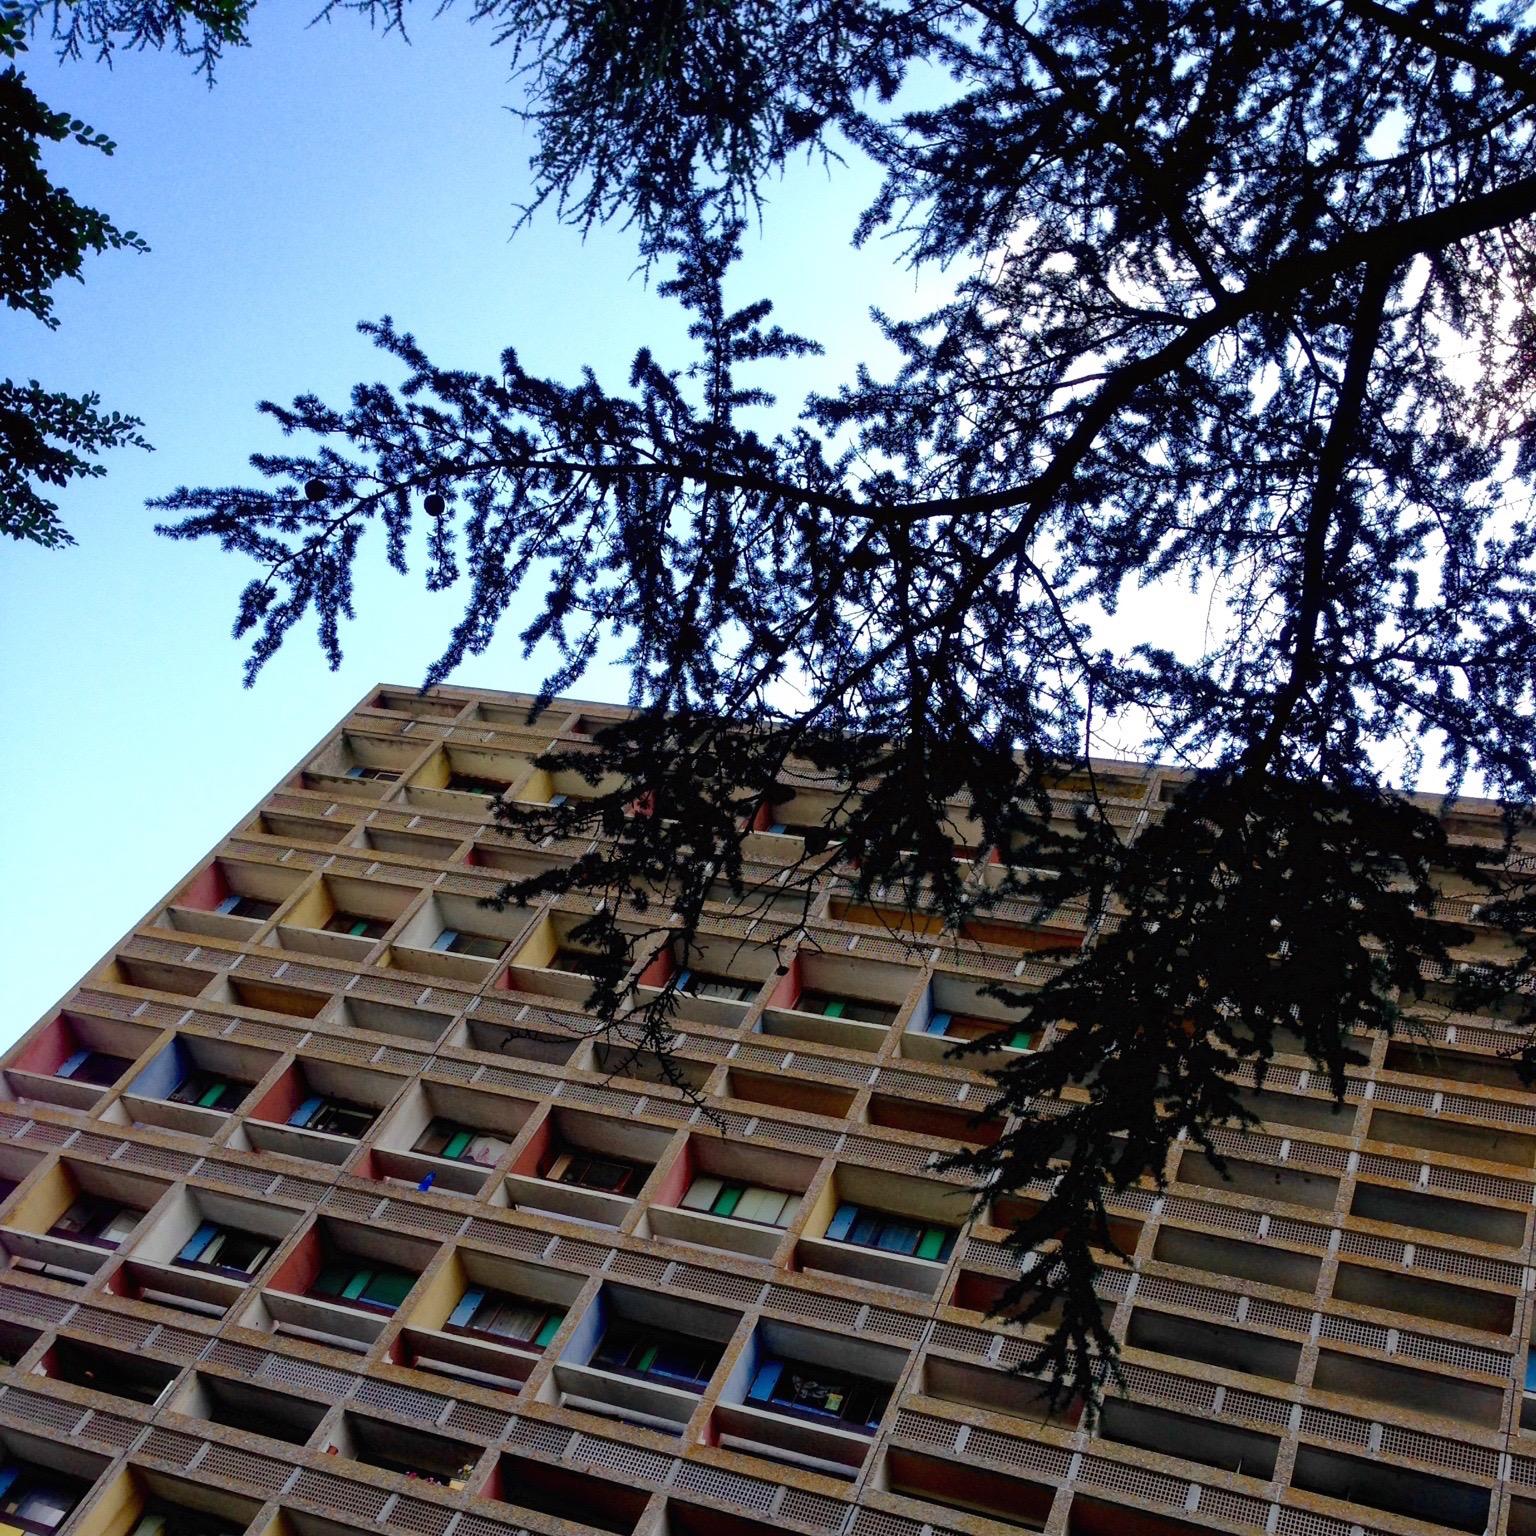 Une seconde vue qui met en évidence les balcons ; avec une branche au premier plan.